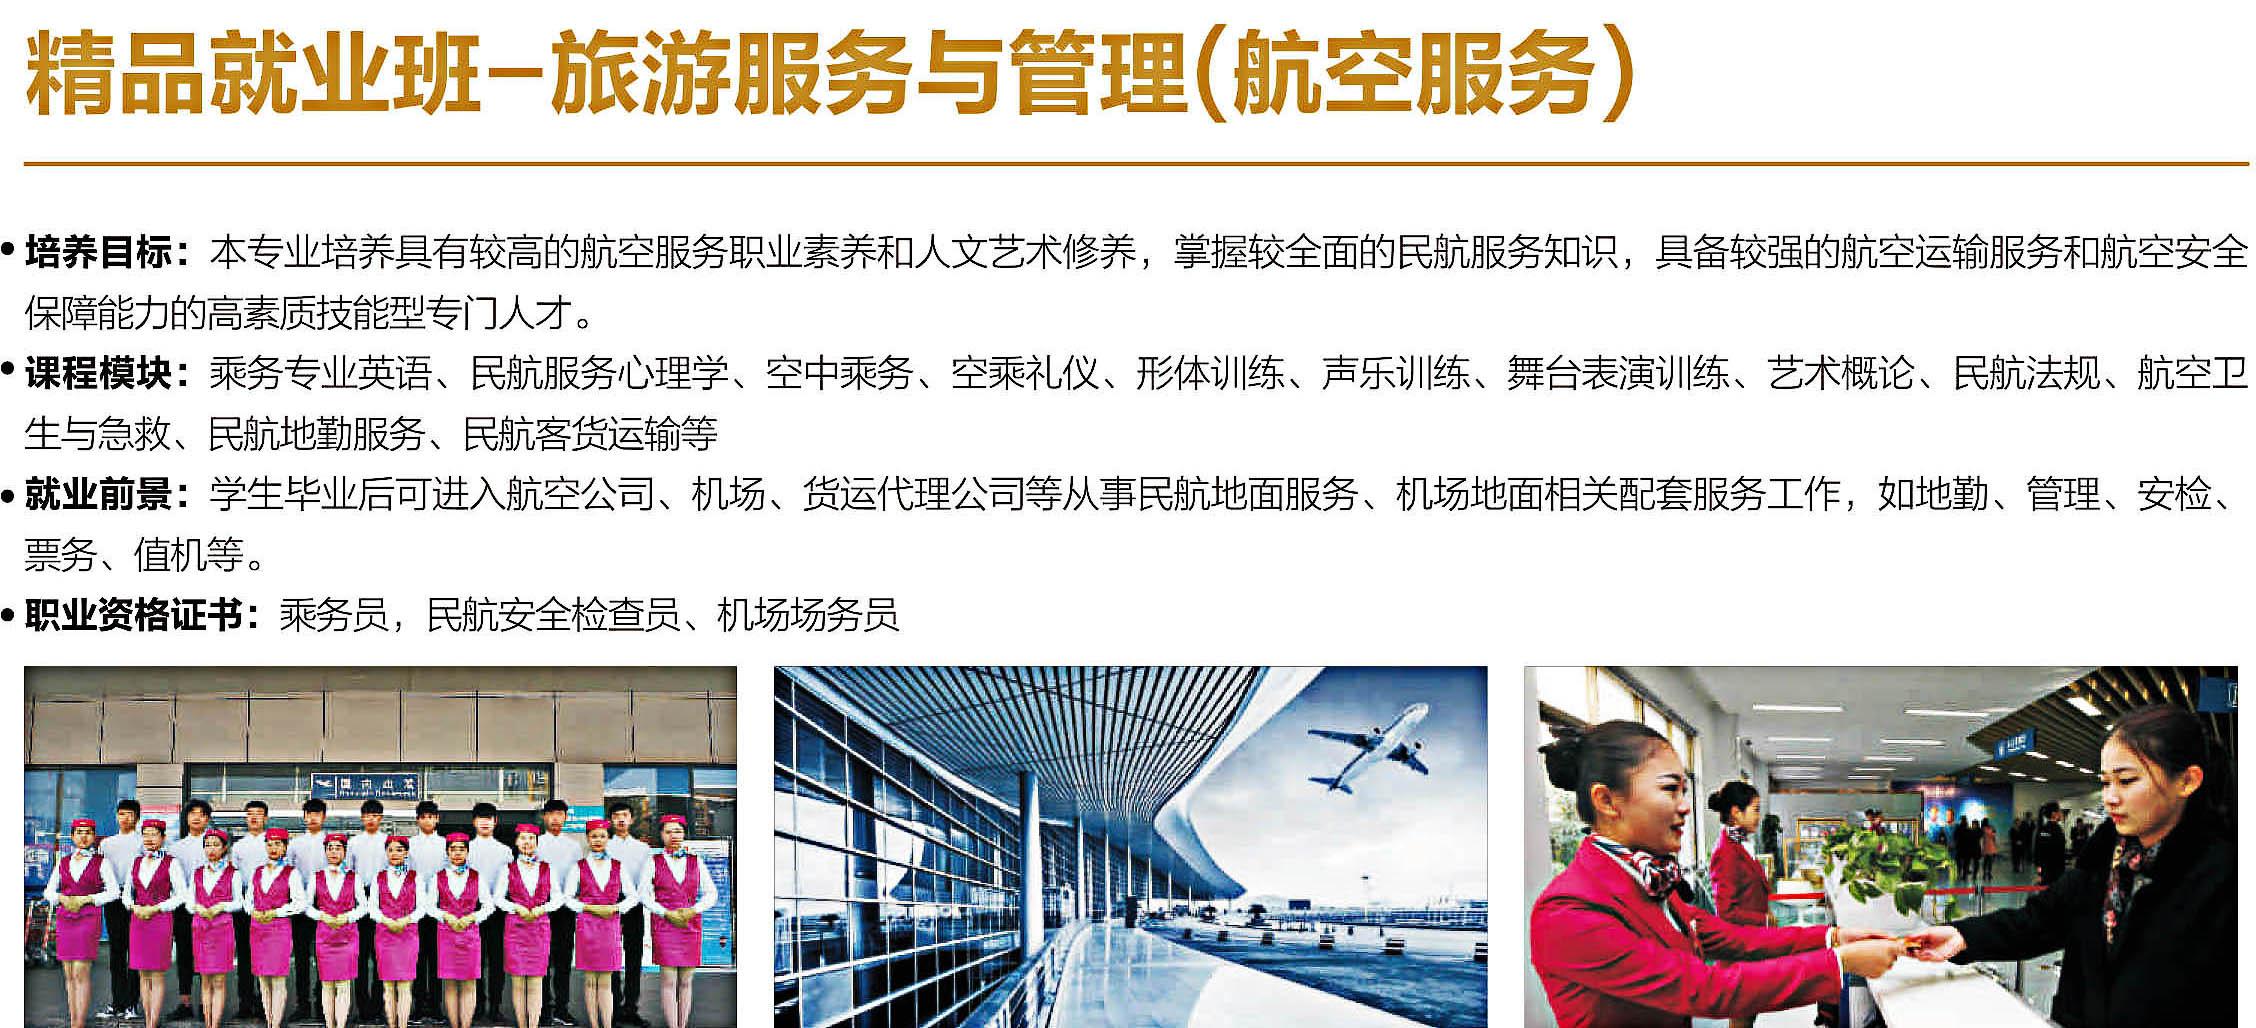 四川省达州经济贸易学校航空服务